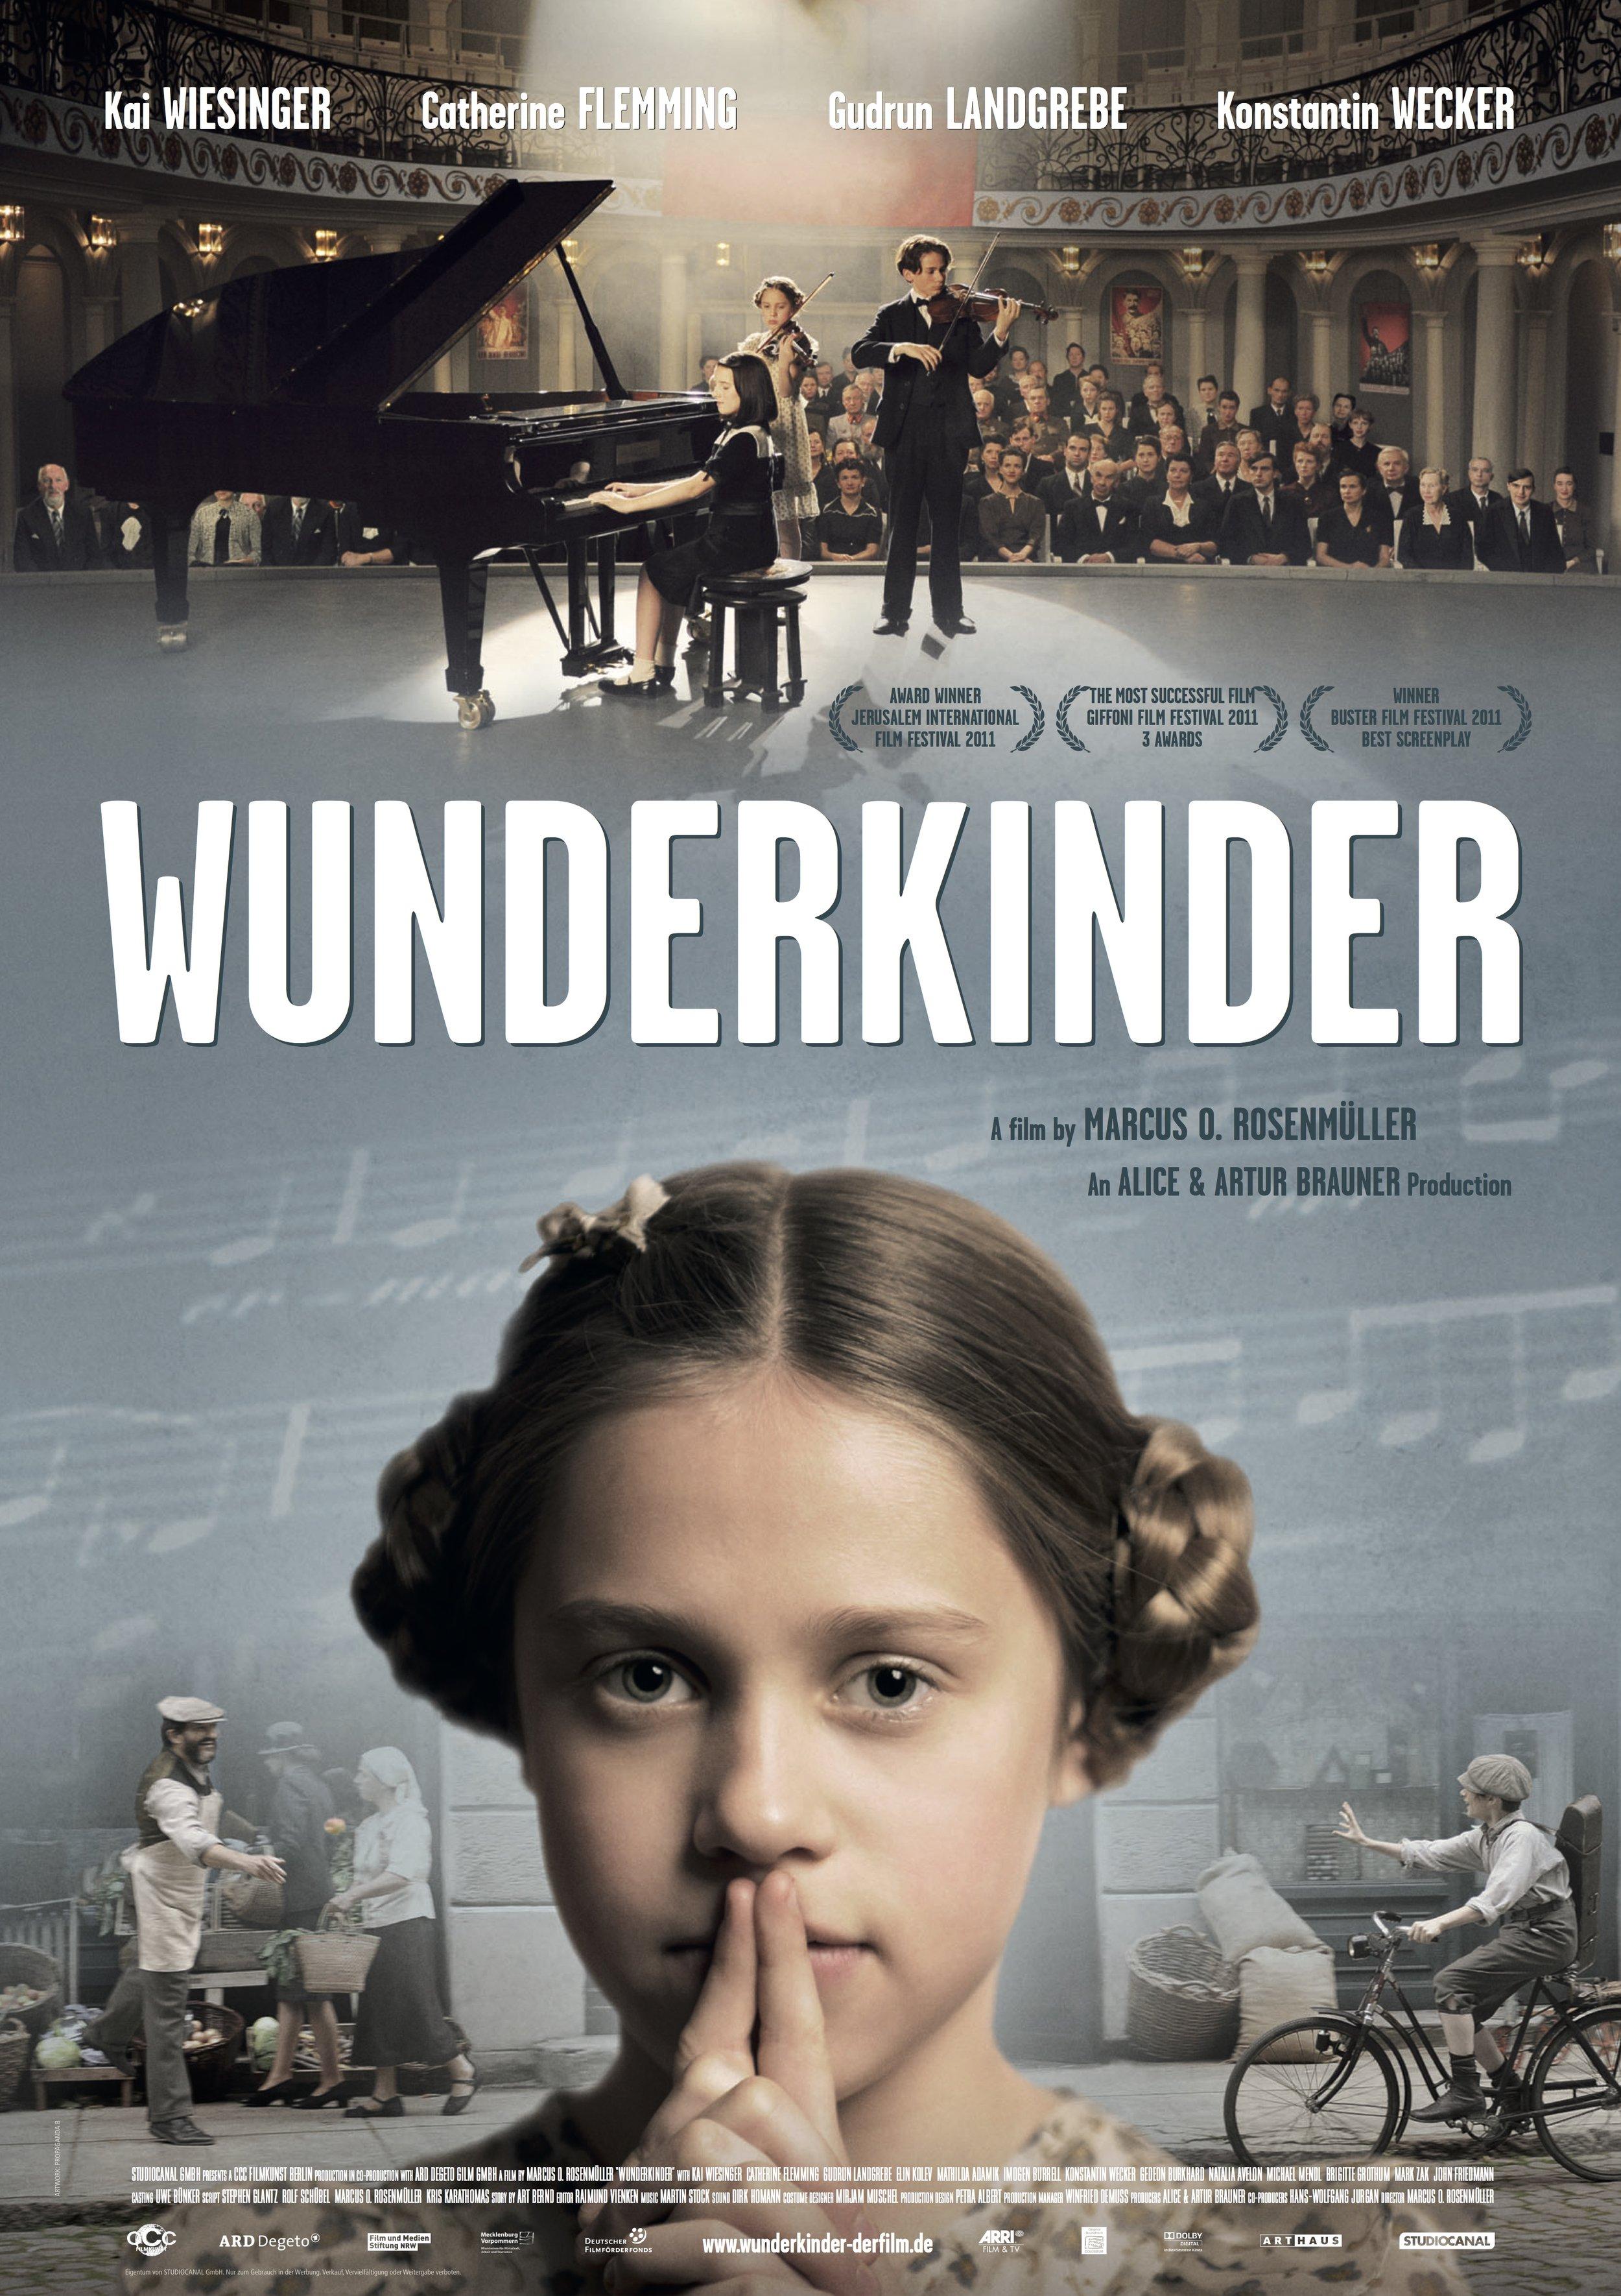 Wunderkinder_Poster_A1_low kopi.jpg